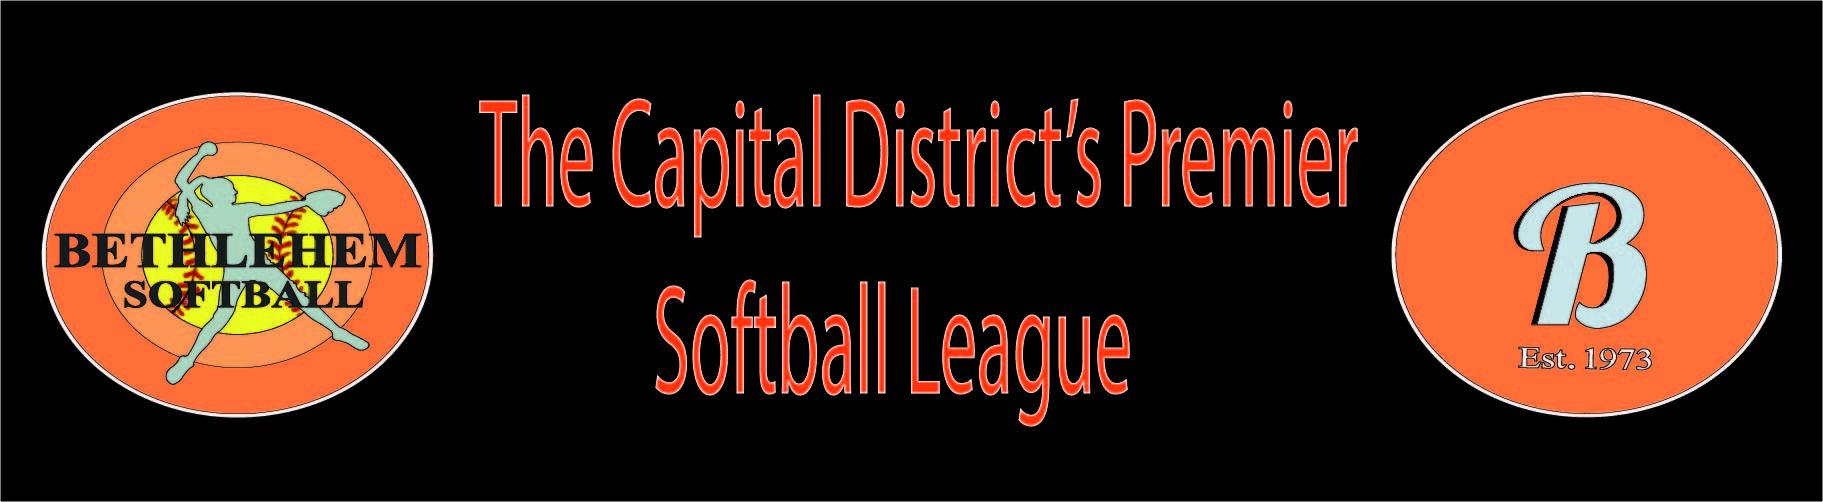 Bethlehem Softball League, Softball, Run, Field